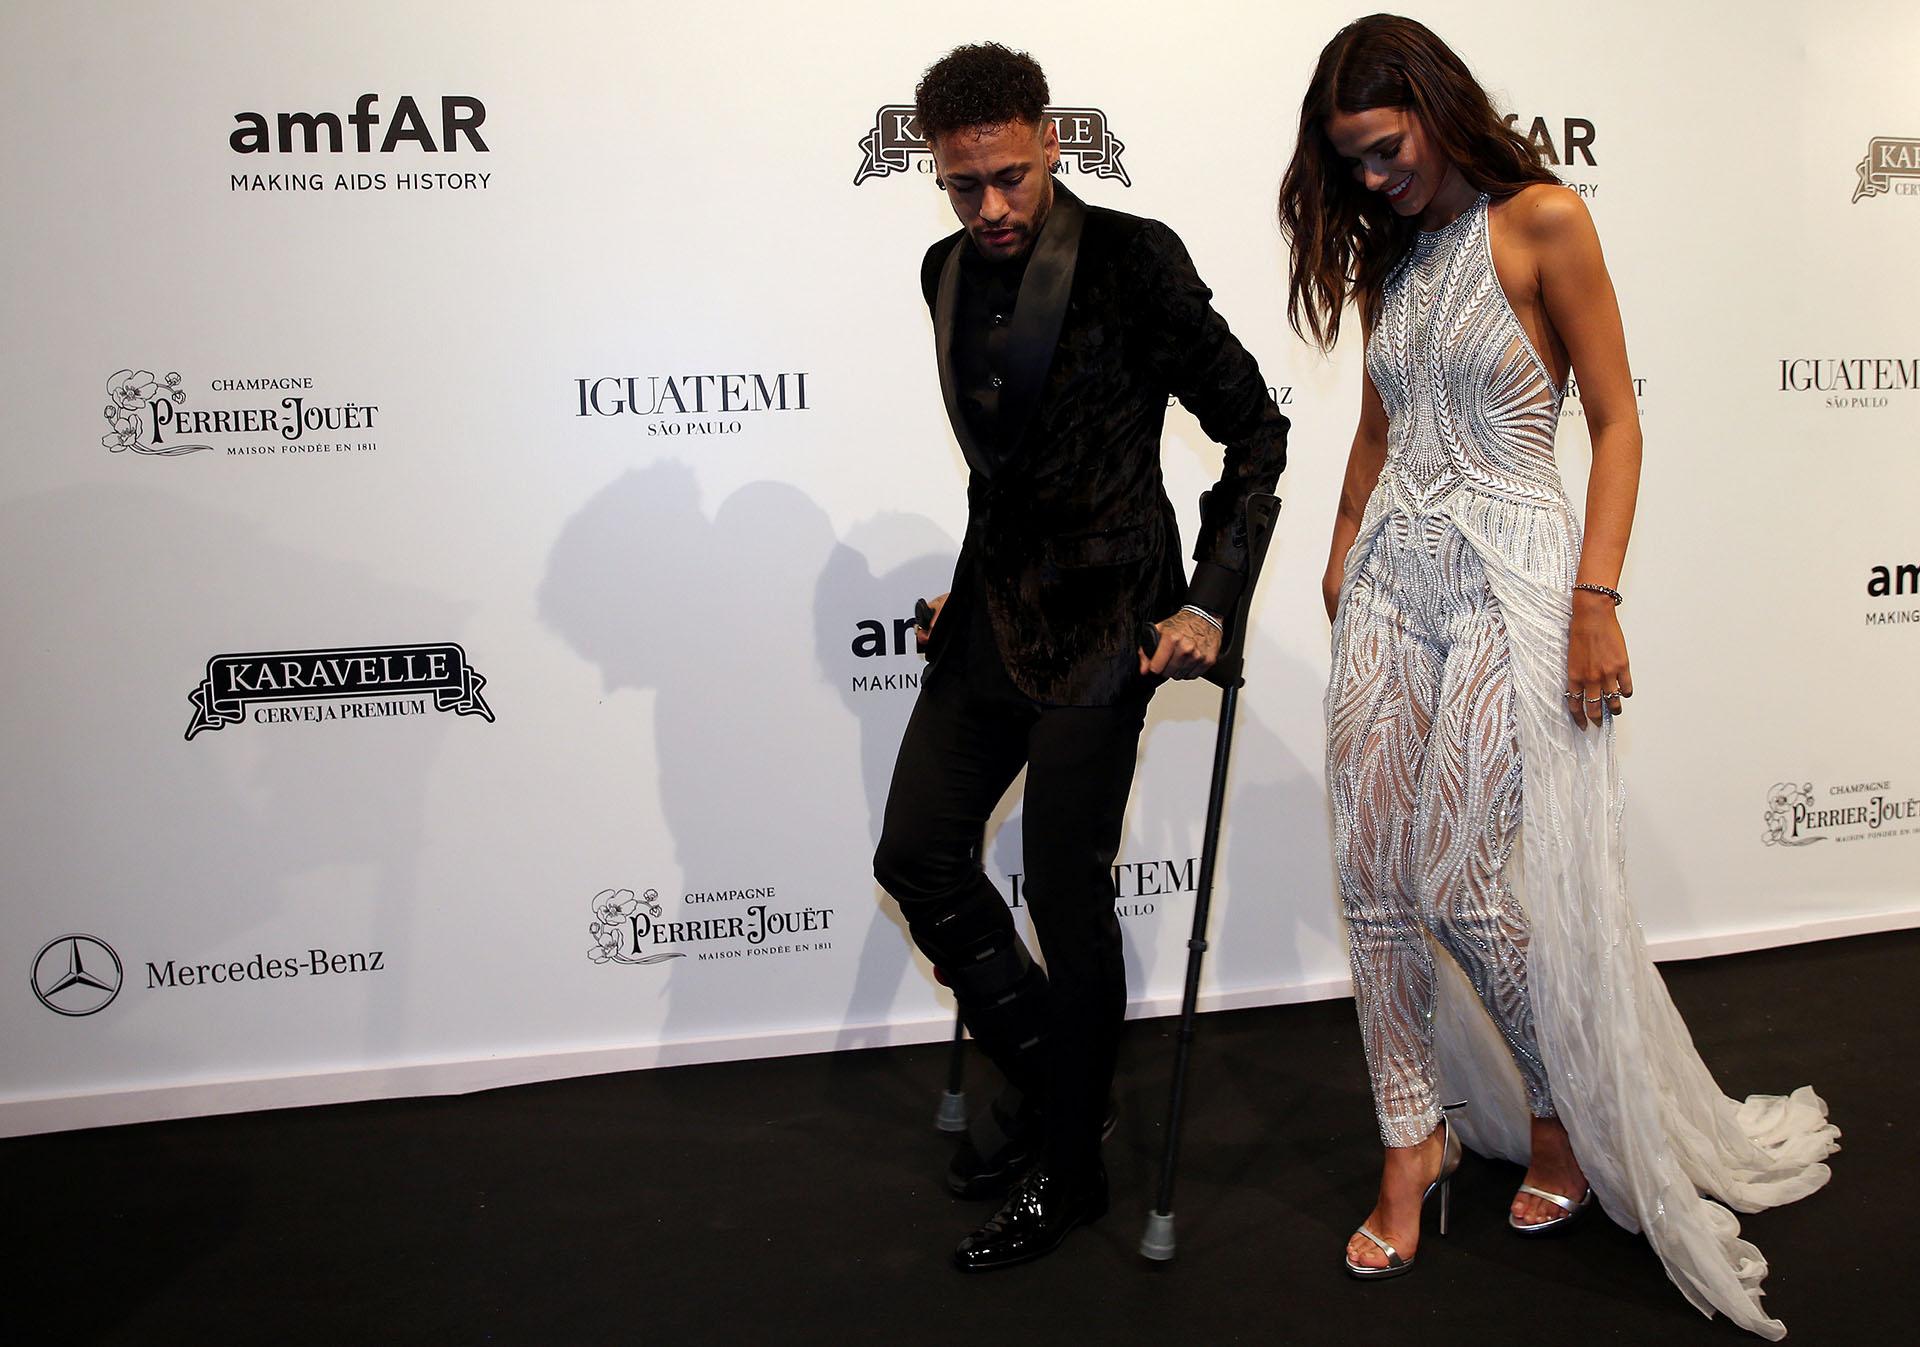 Neymar Jr y su novia, Bruna Marquezine, a su llegada a la gala amfAR, en San Pablo, Brasil